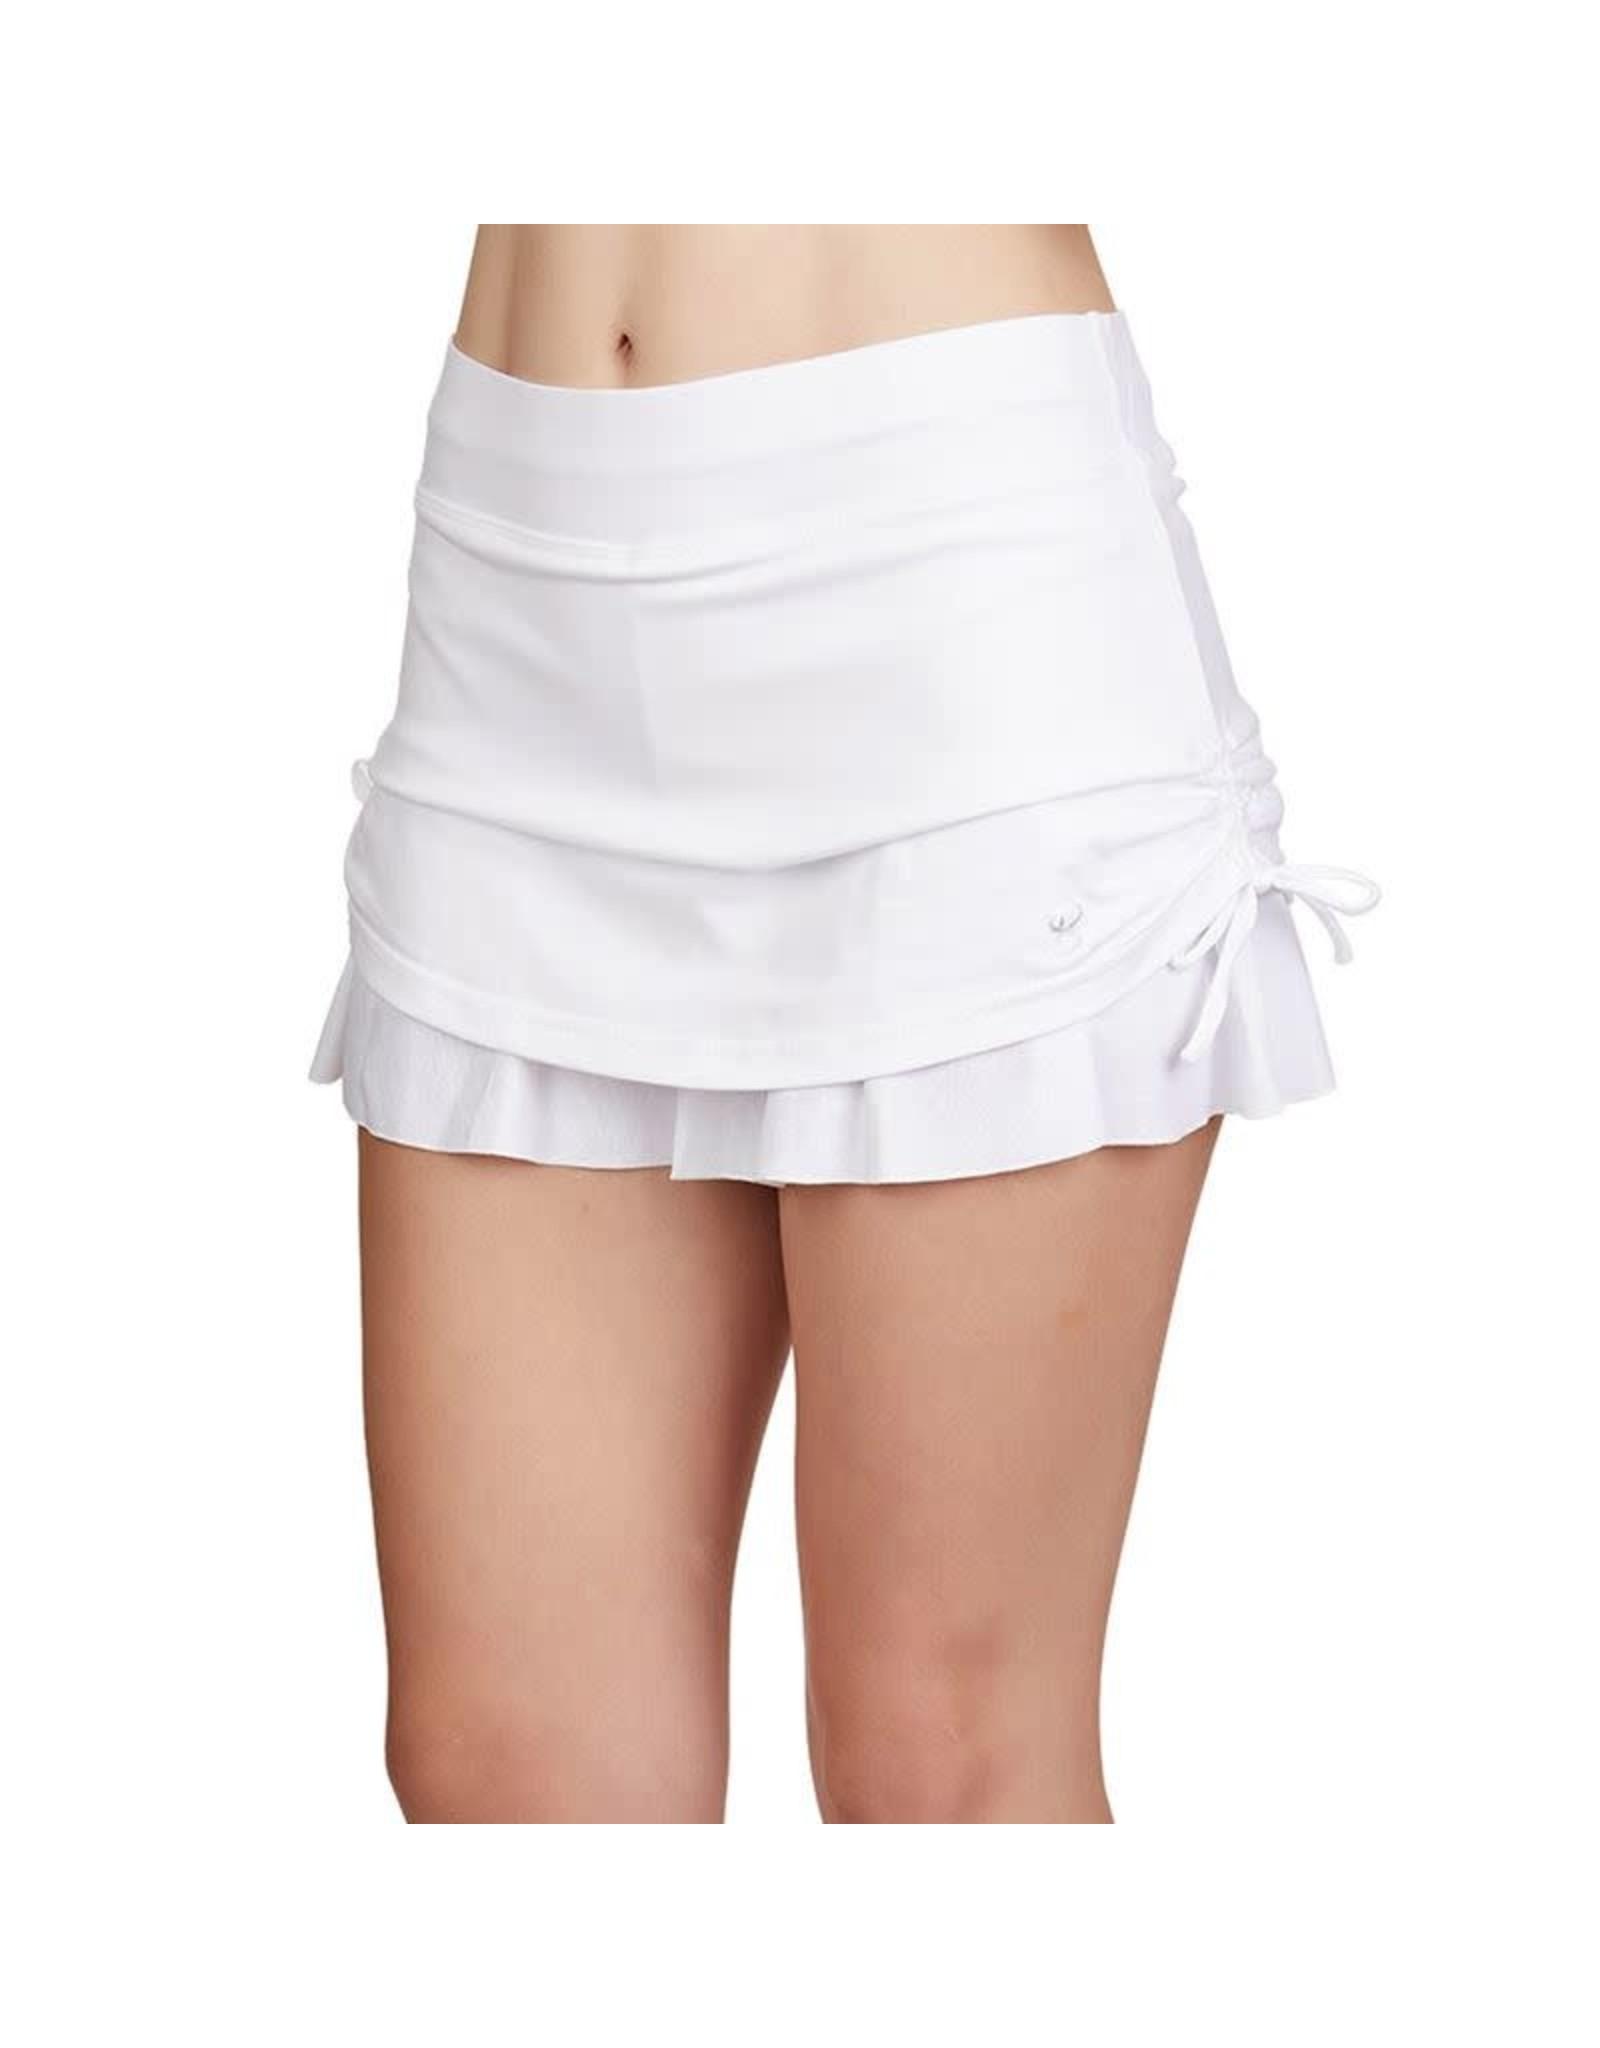 Sofibella Club Lux 12 inch Skirt